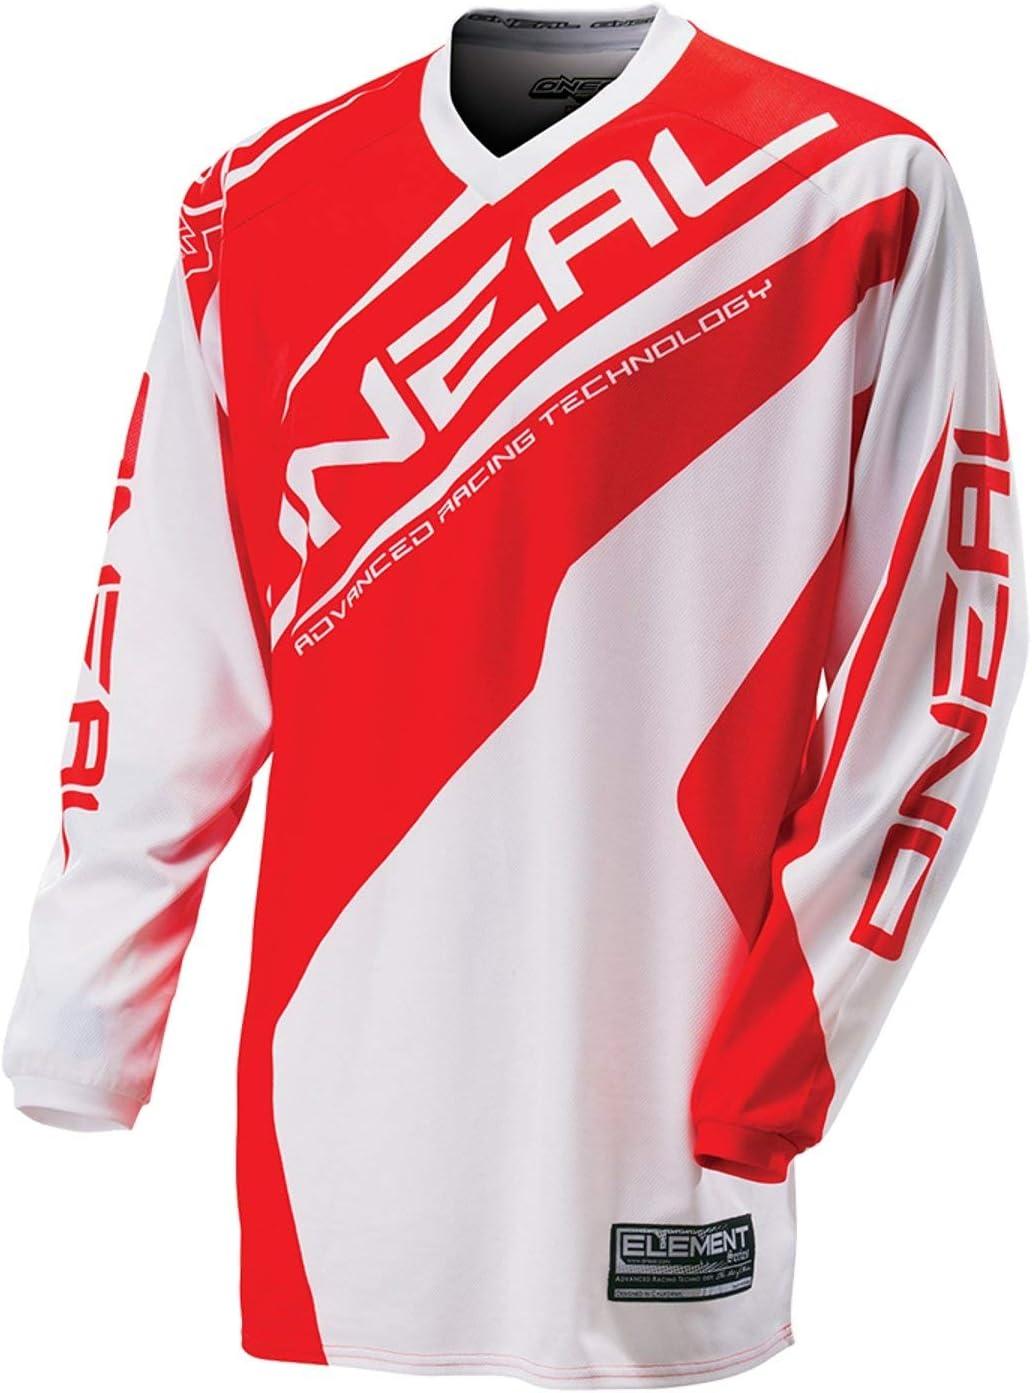 0024R-31 ONeal Element MX Jersey RACEWEAR Wei/ß Rot Trikot